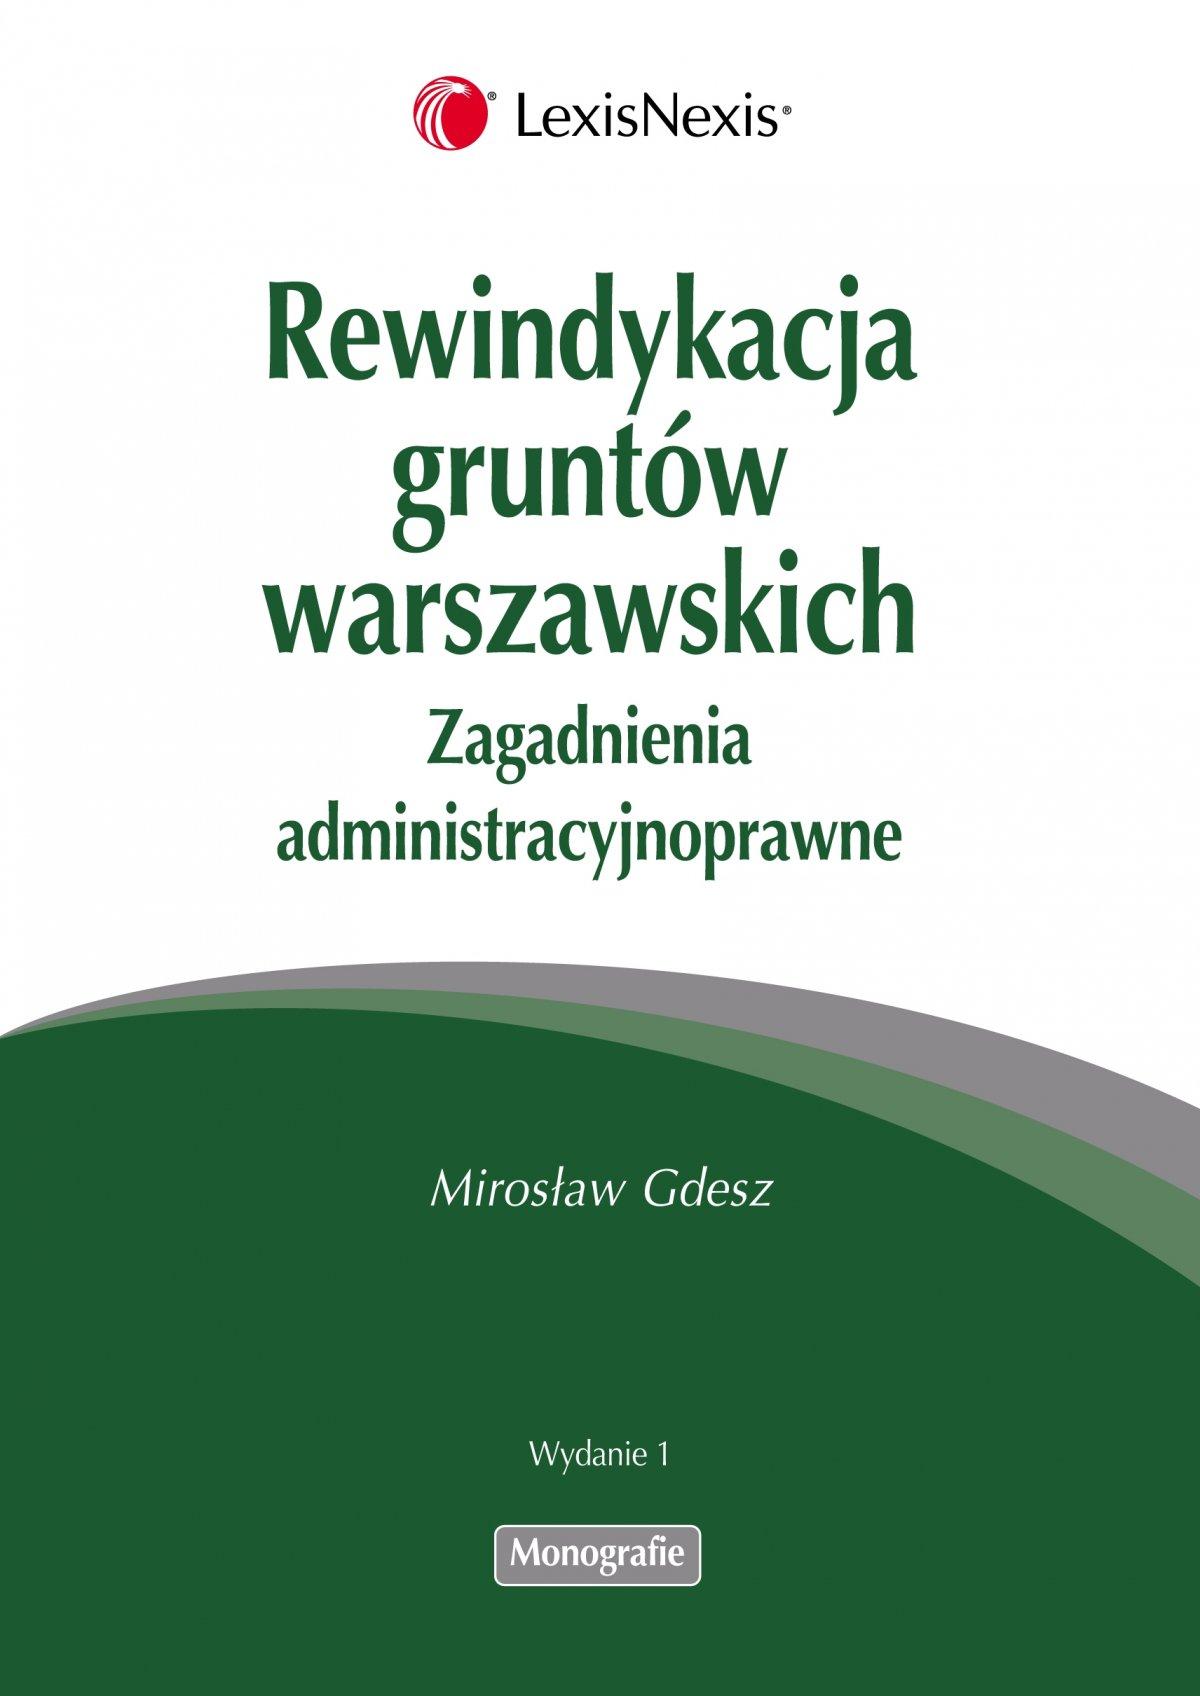 Rewindykacja gruntów warszawskich. Zagadnienia administracyjnoprawne - Ebook (Książka PDF) do pobrania w formacie PDF